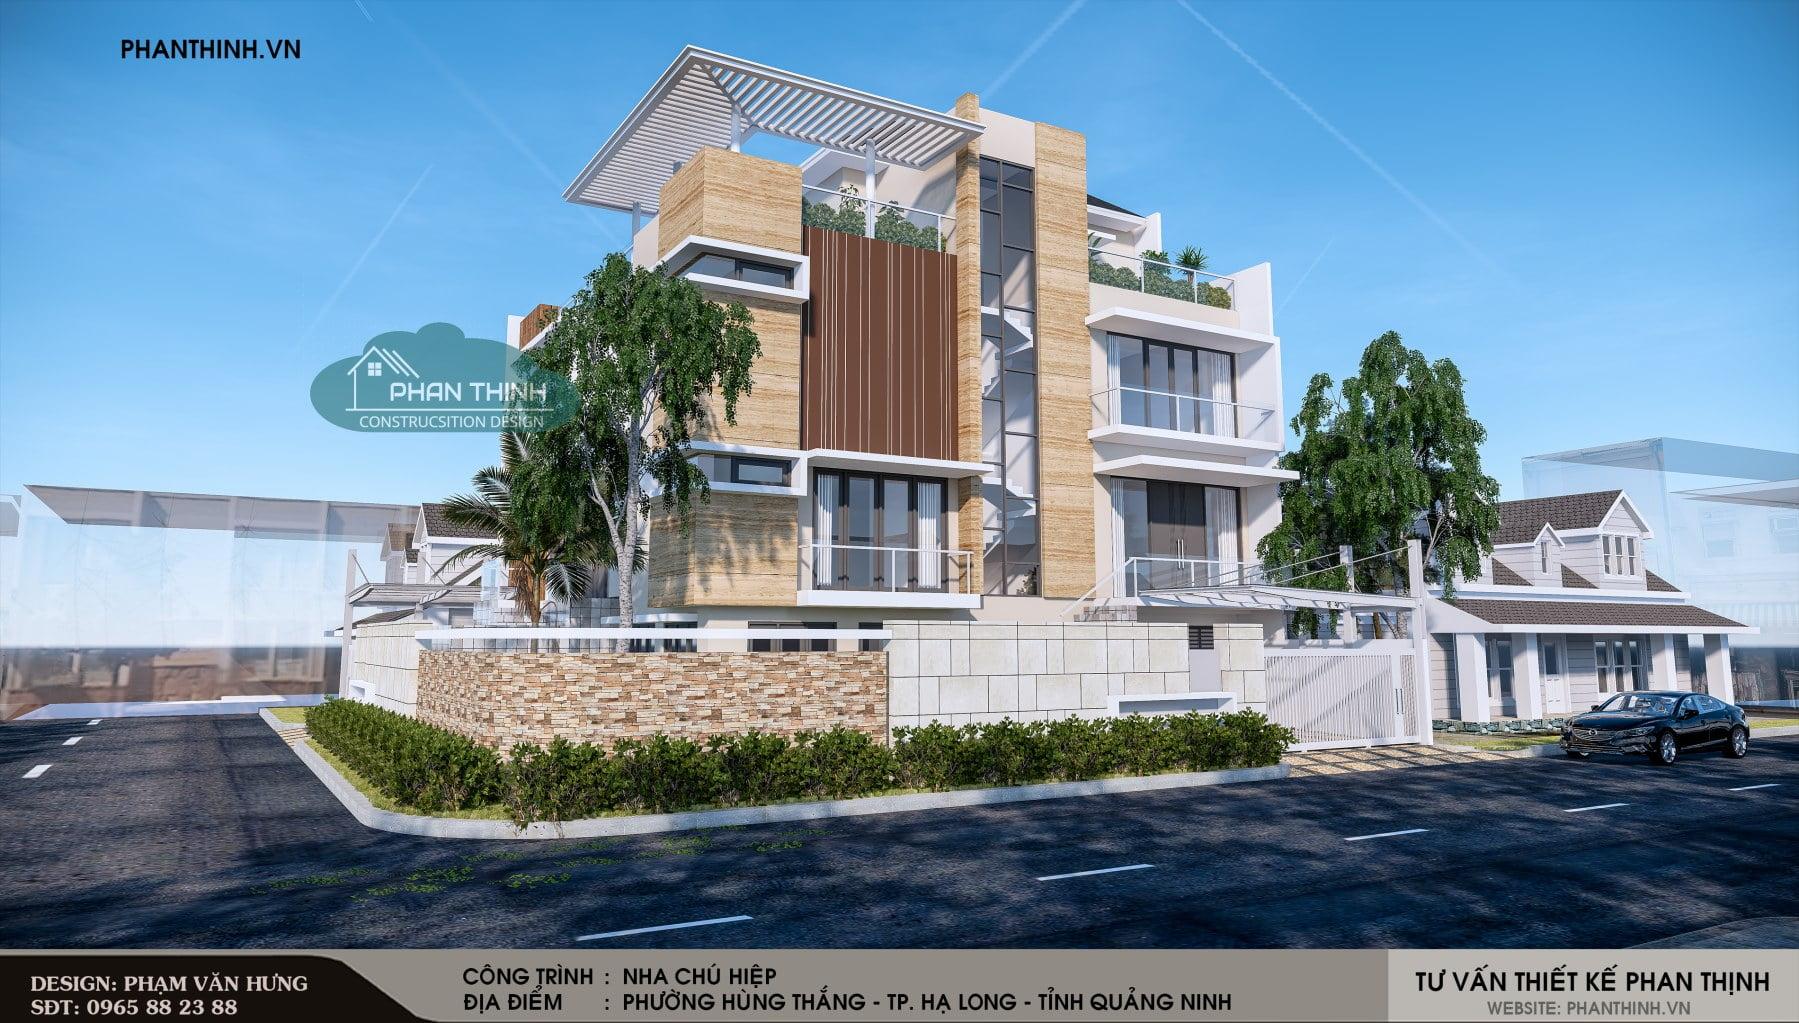 phối cảnh thiết kế biệt thự 4 tầng tại Hạ Long Quảng Ninh